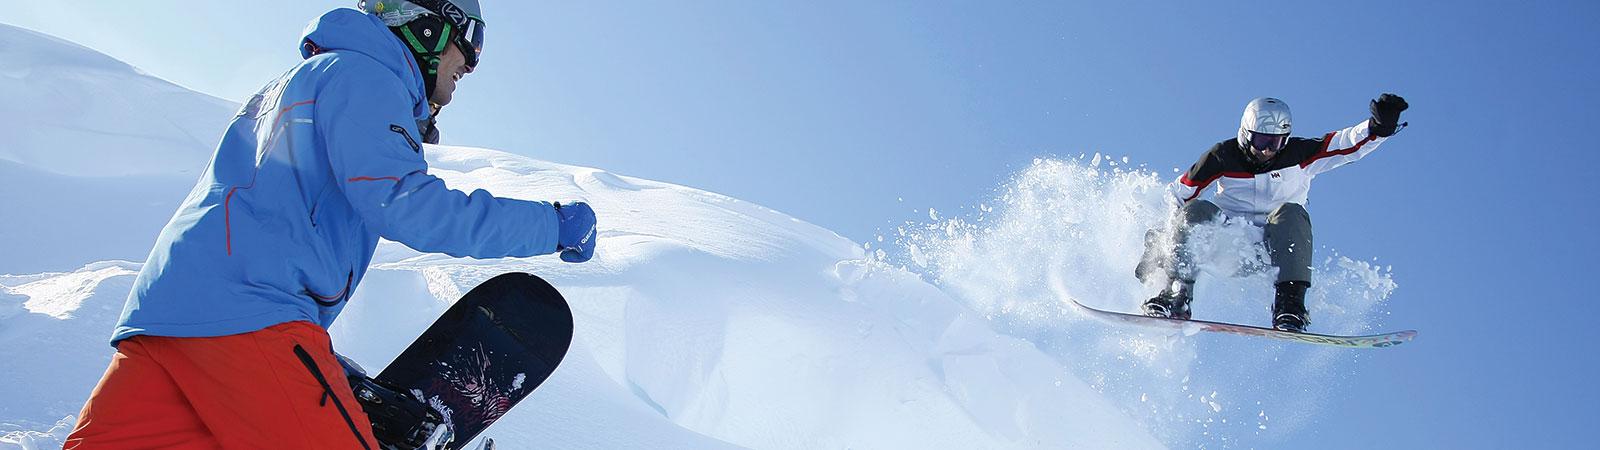 snowboars-clb-de-la-ffs